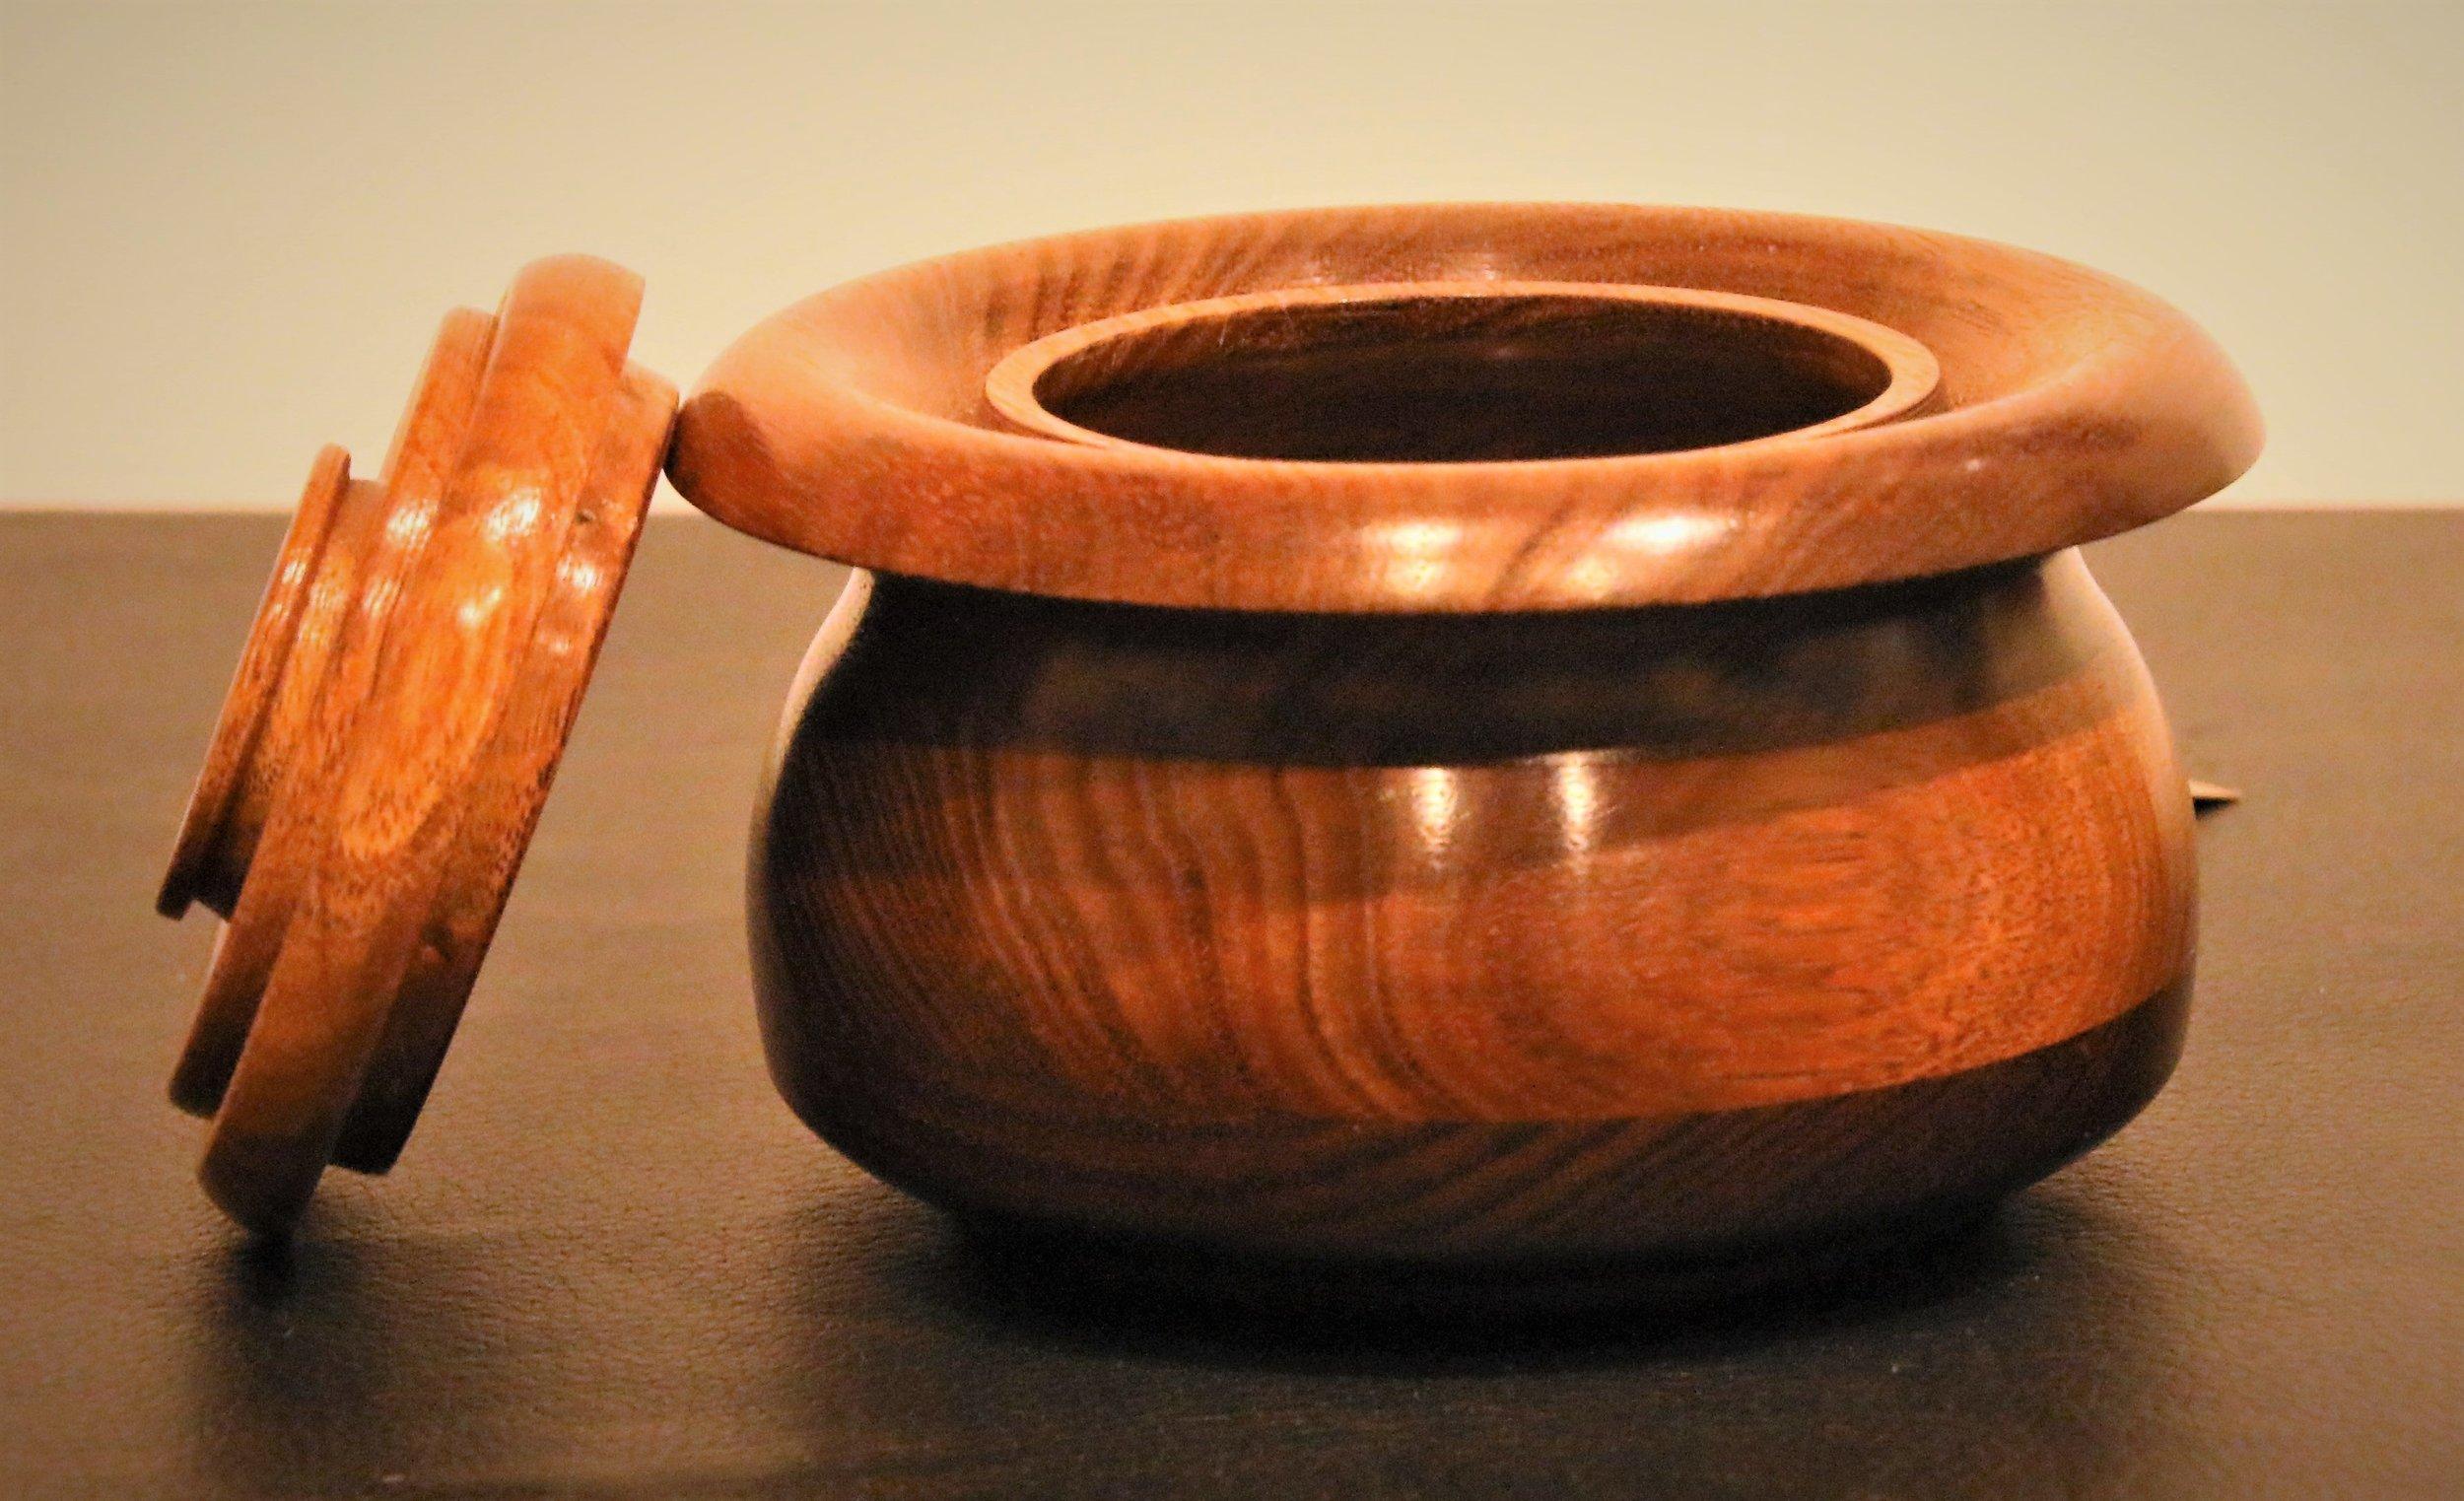 Witches Cauldron lidded bowl, Blackwood